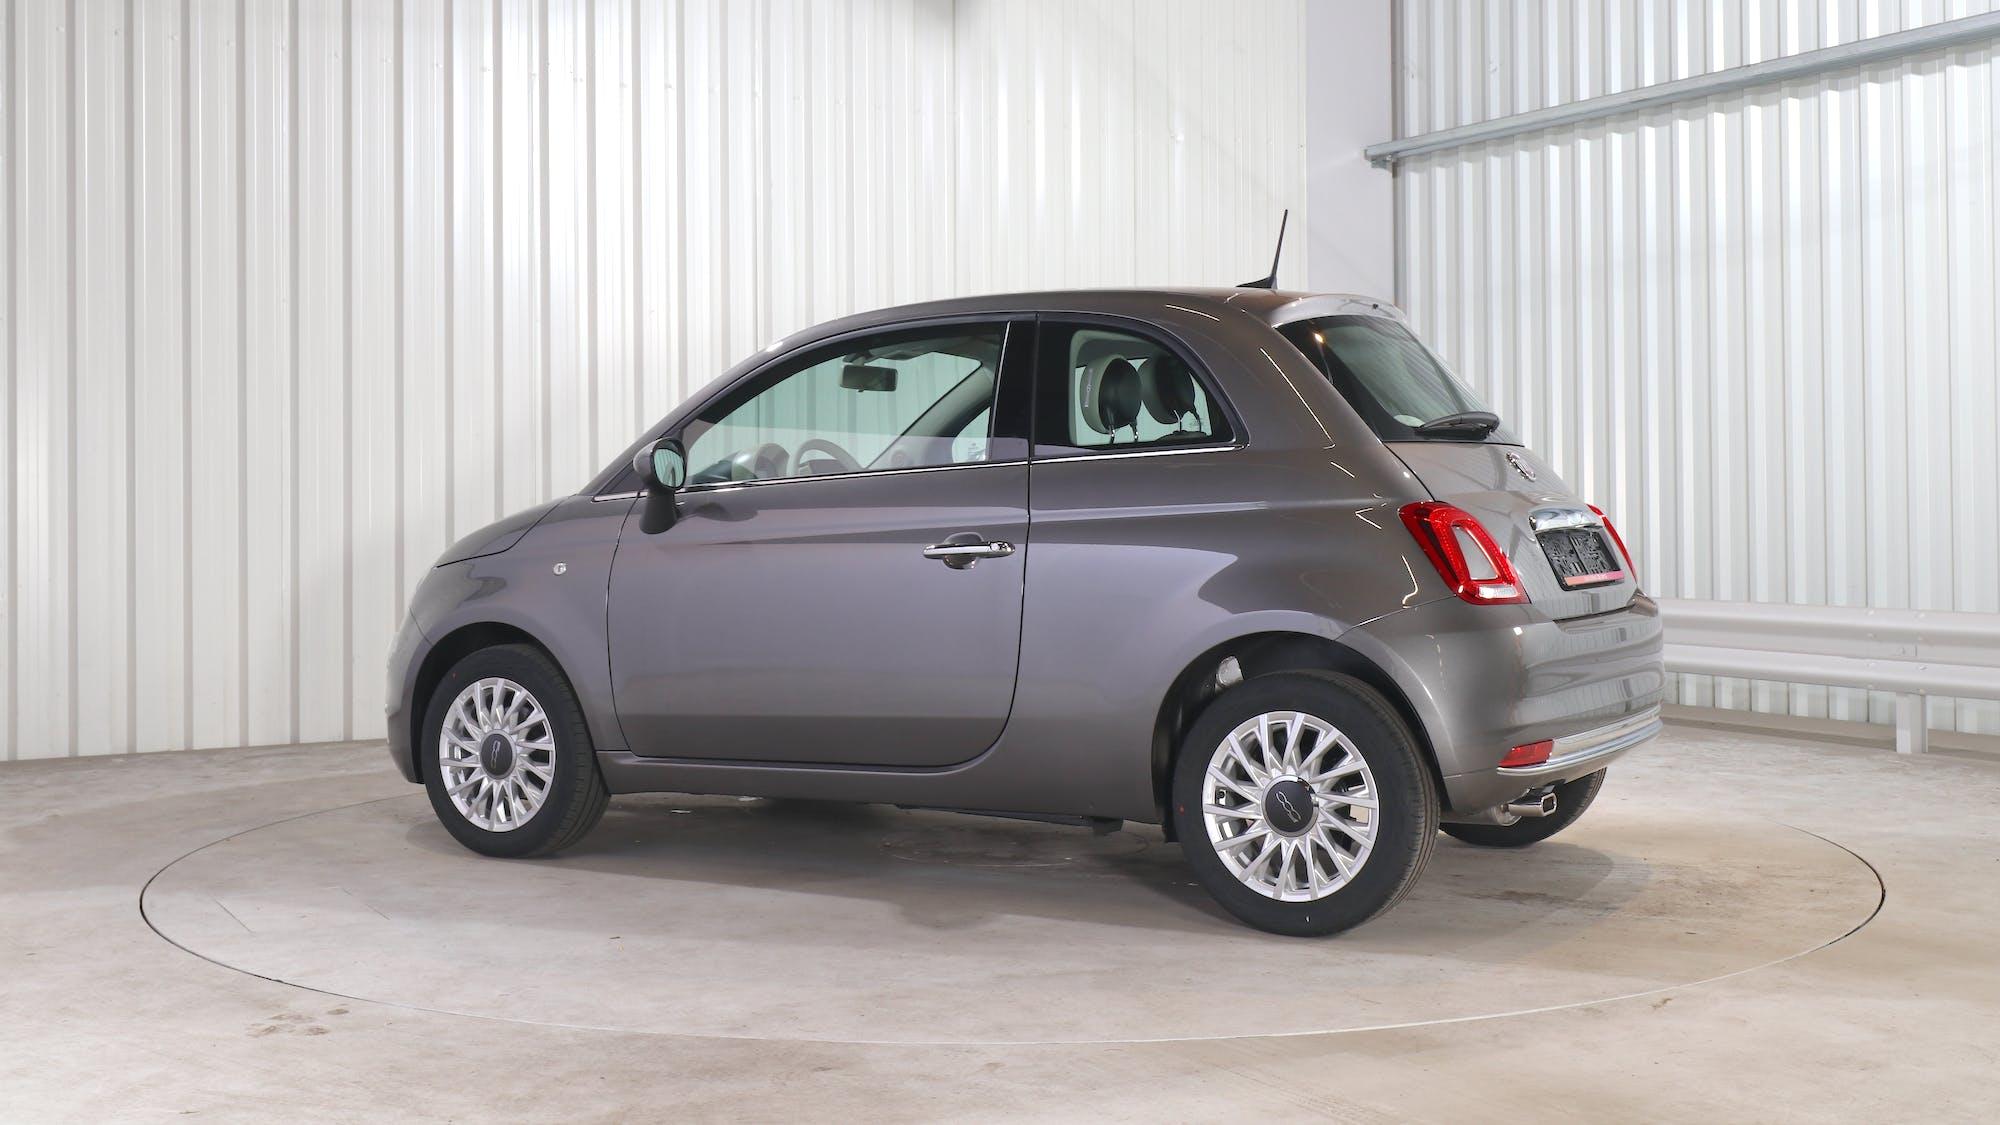 FIAT 500 leasing exterior 3